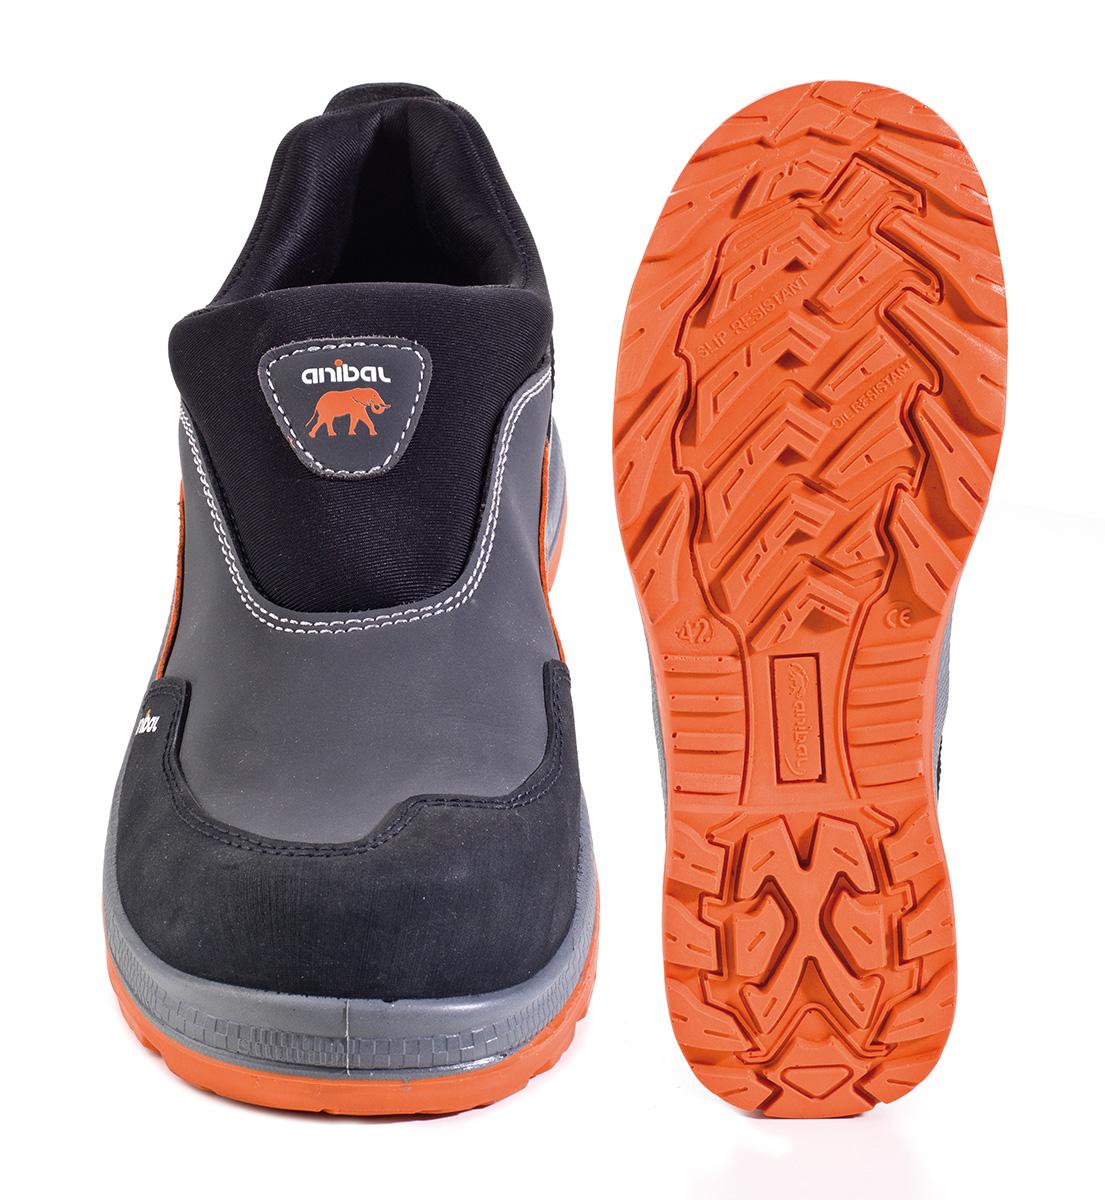 """fbac418492cae 1688-ZA Calzado de Seguridad Sporty Deportivos Metal Free Zapato mod.  """"ATENAS"""""""